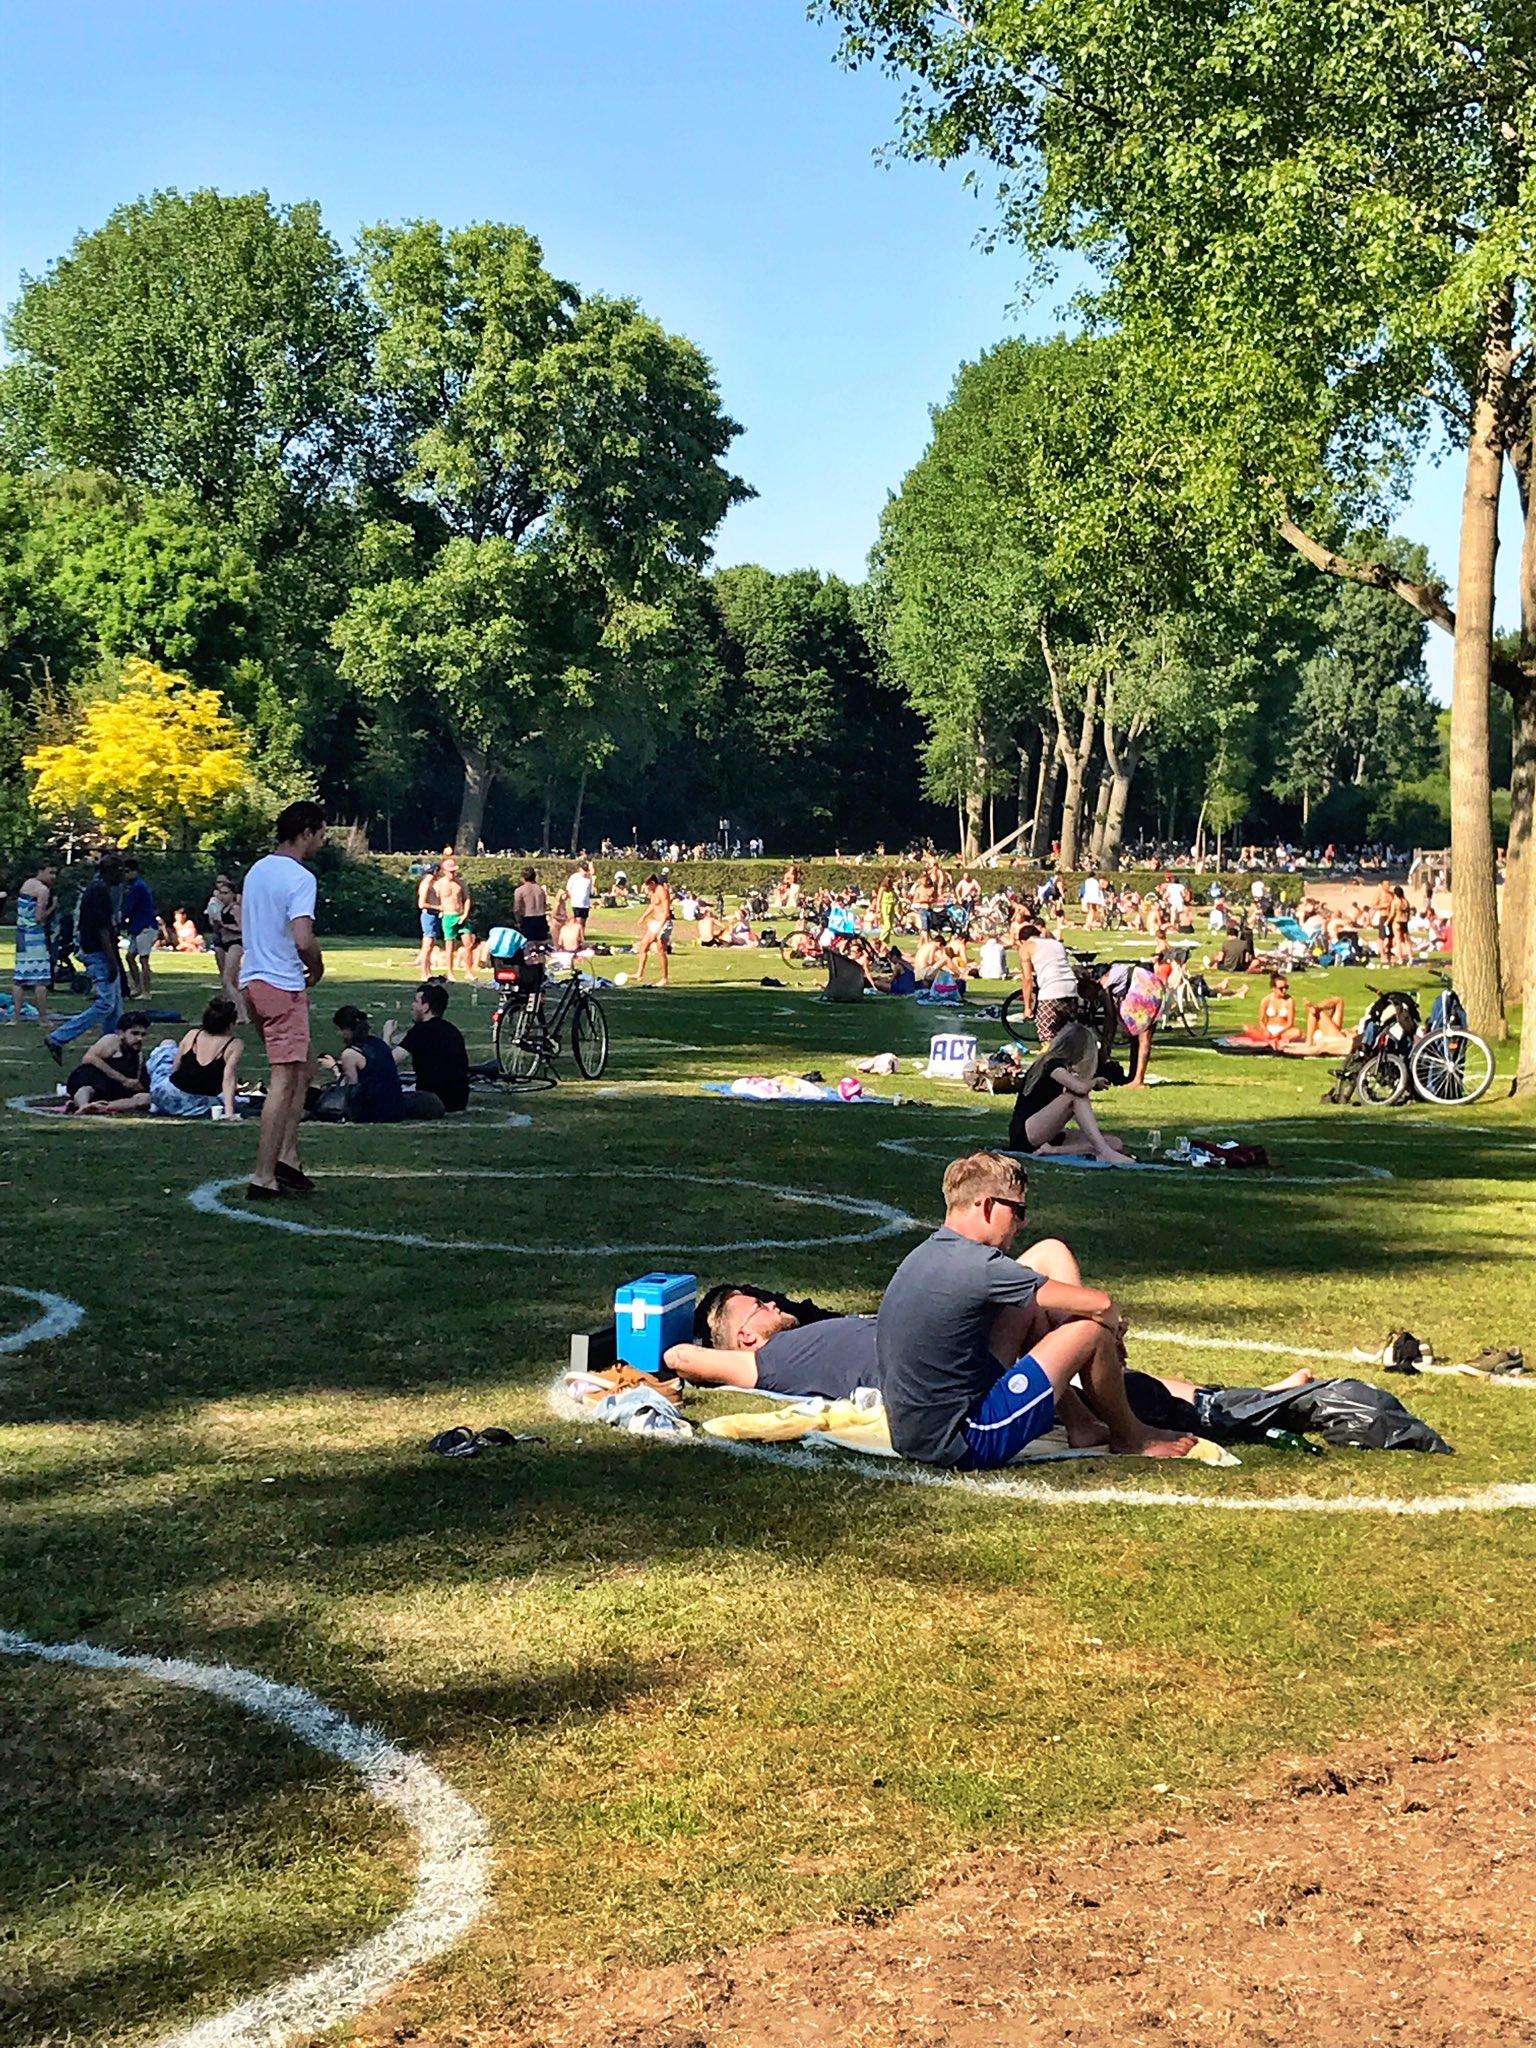 Cirkeltjes aangebracht zoals op sportvelden. Zijn mensen zelf niet meer in staat om een gezonde afstand te houden? Hoe ver gaat deze betutteling?